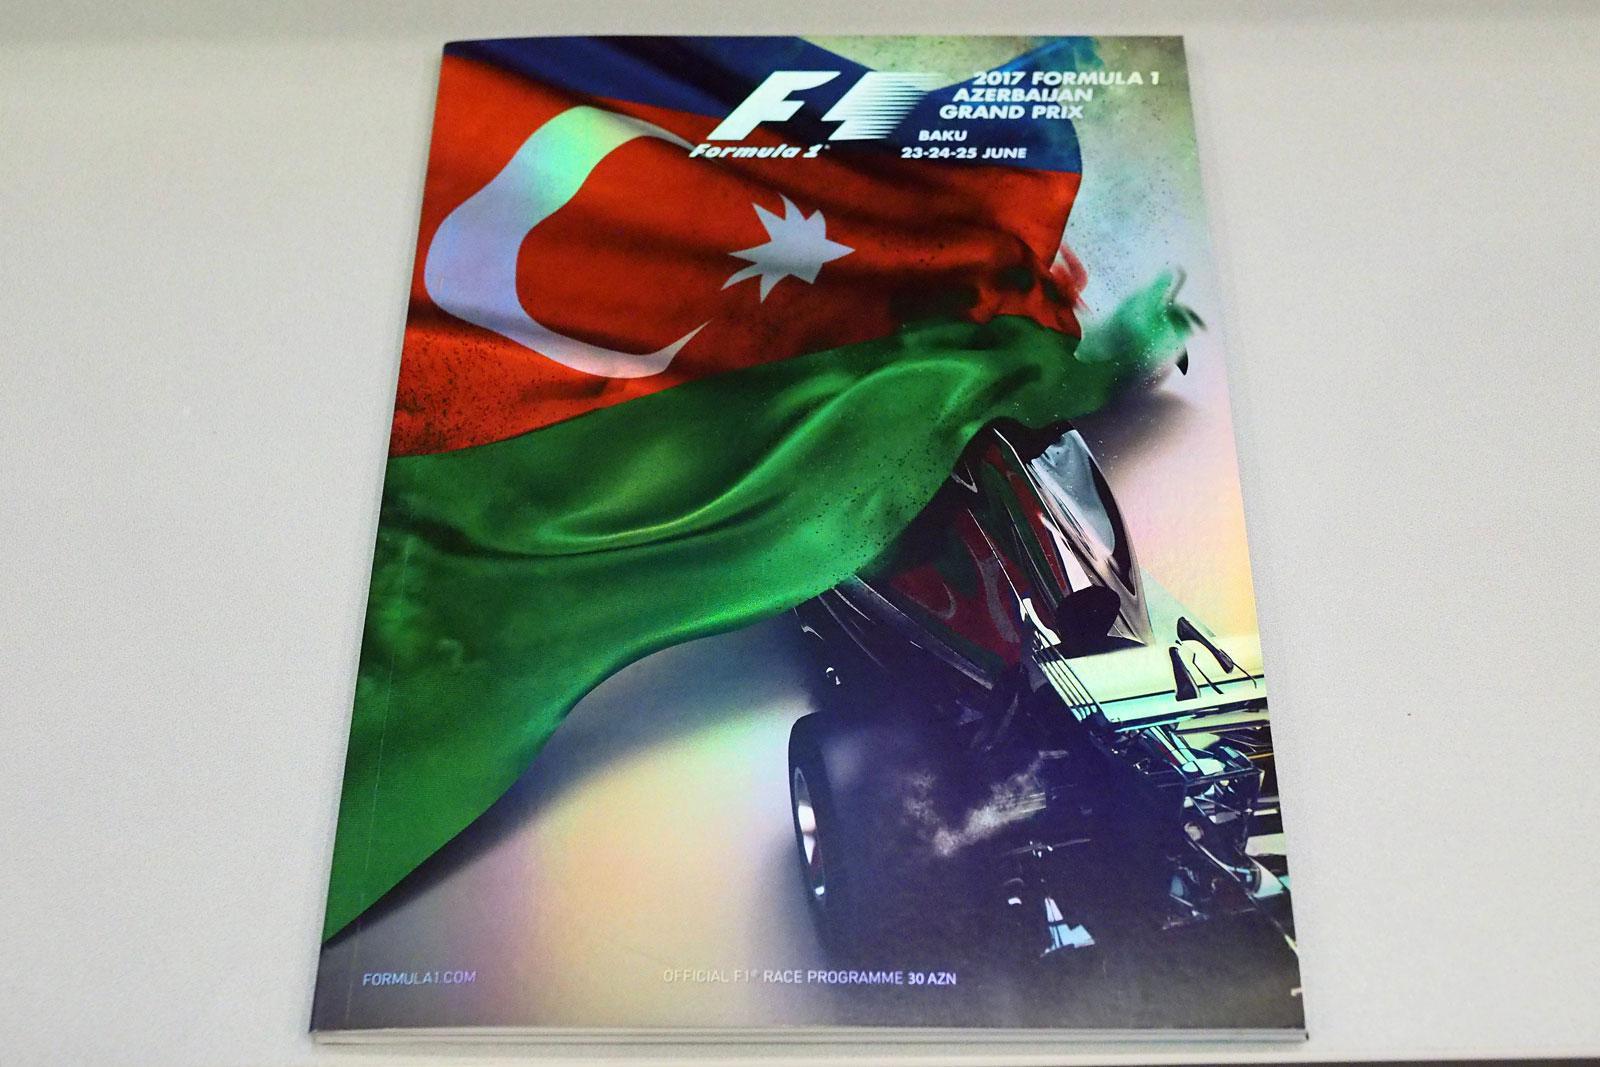 【限定販売】2017年アゼルバイジャンGPオフィシャルプログラム